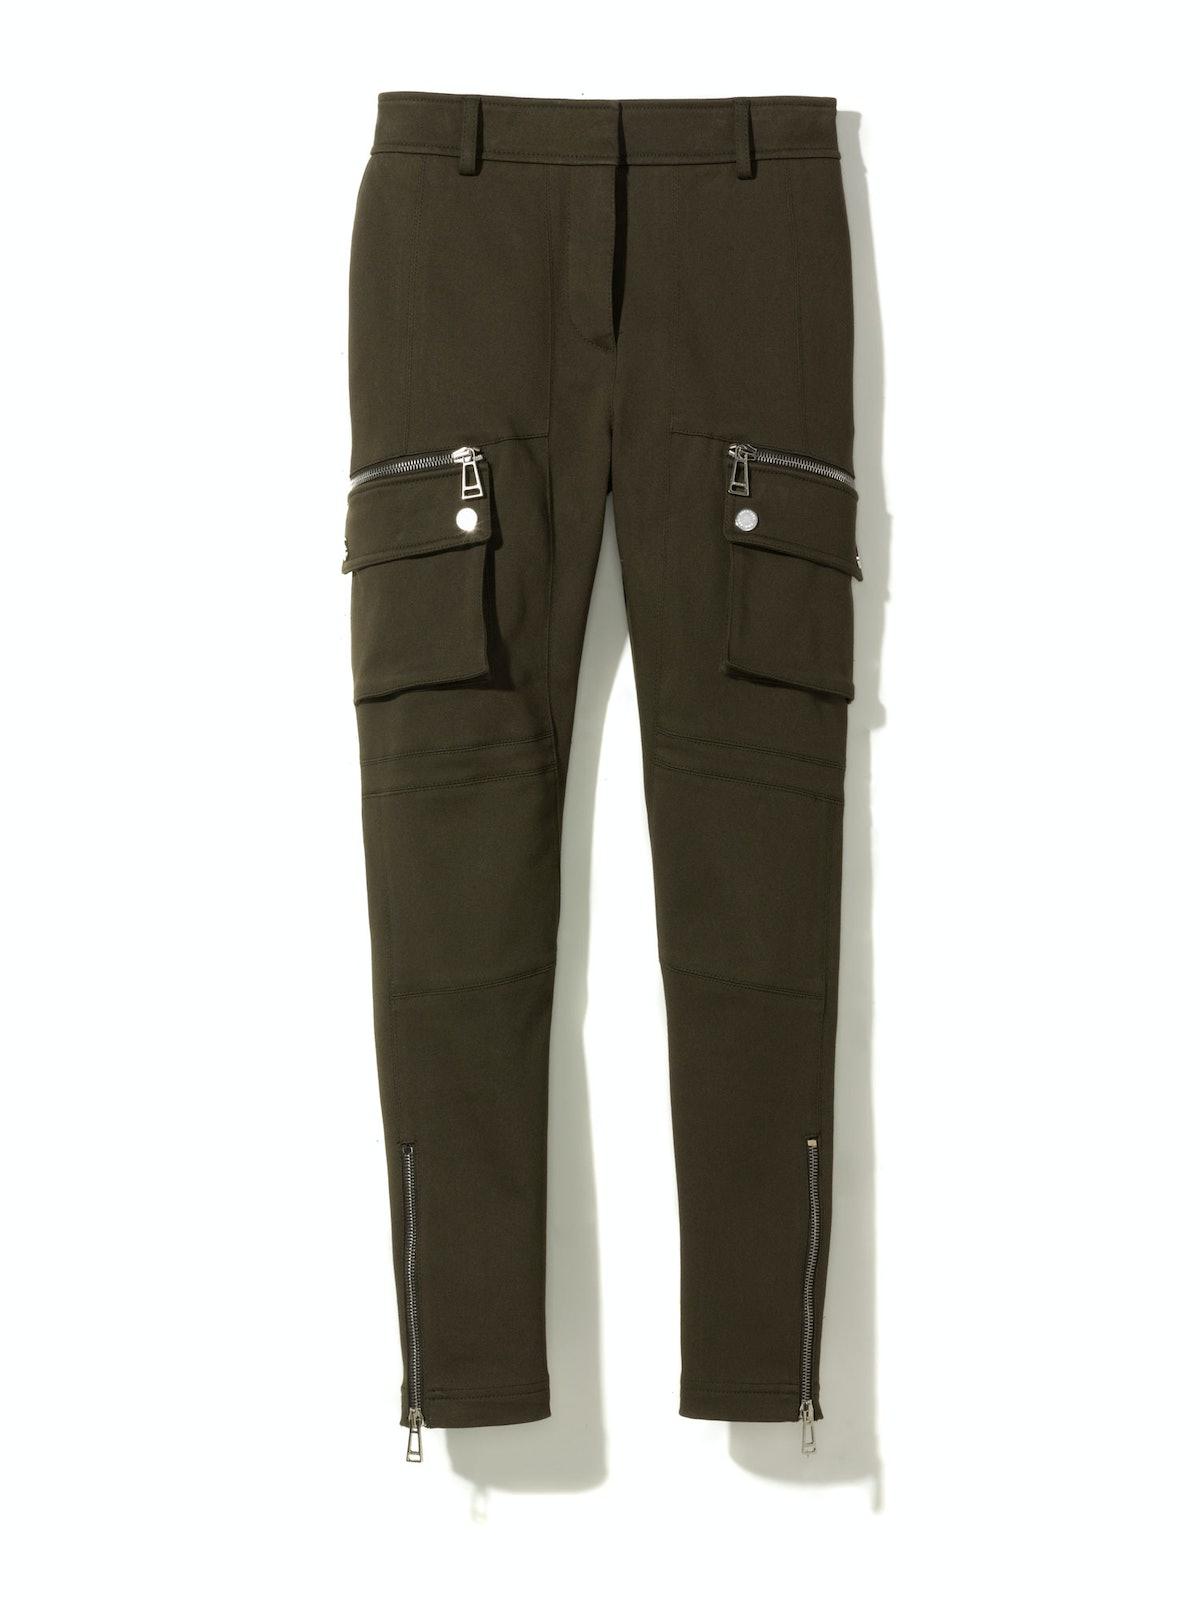 Belstaff trousers, $650, Belstaff, New York, 212.897.1880.